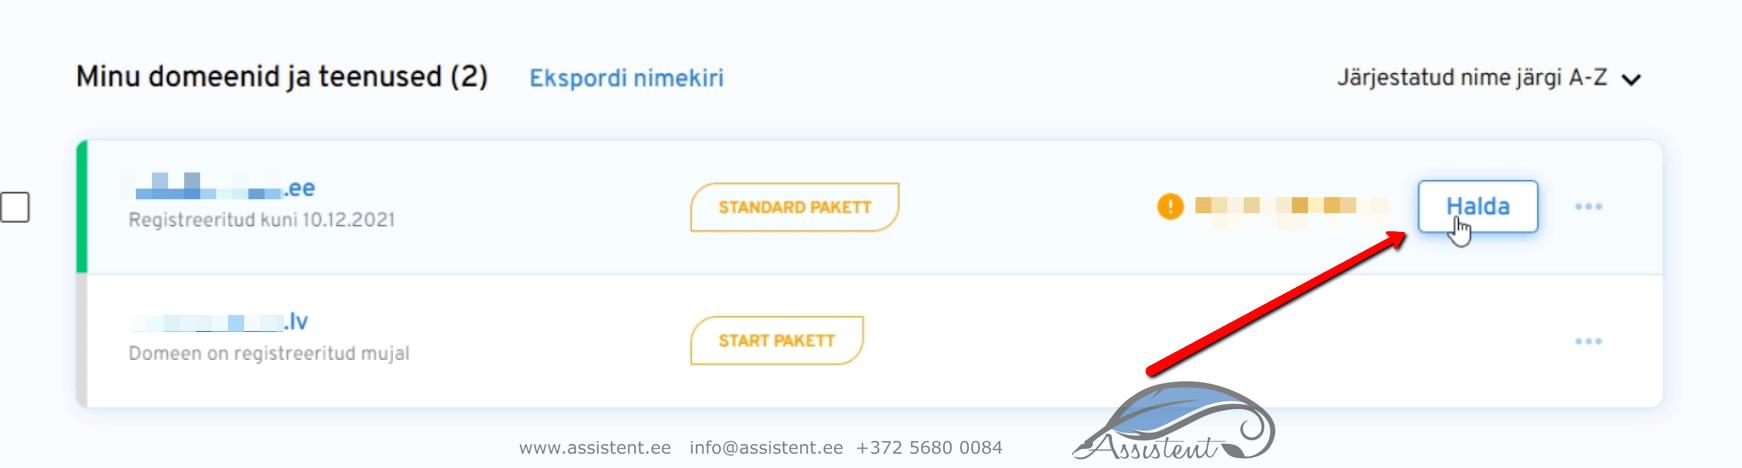 vali domeen - info@assistent.ee +372 5680 0084